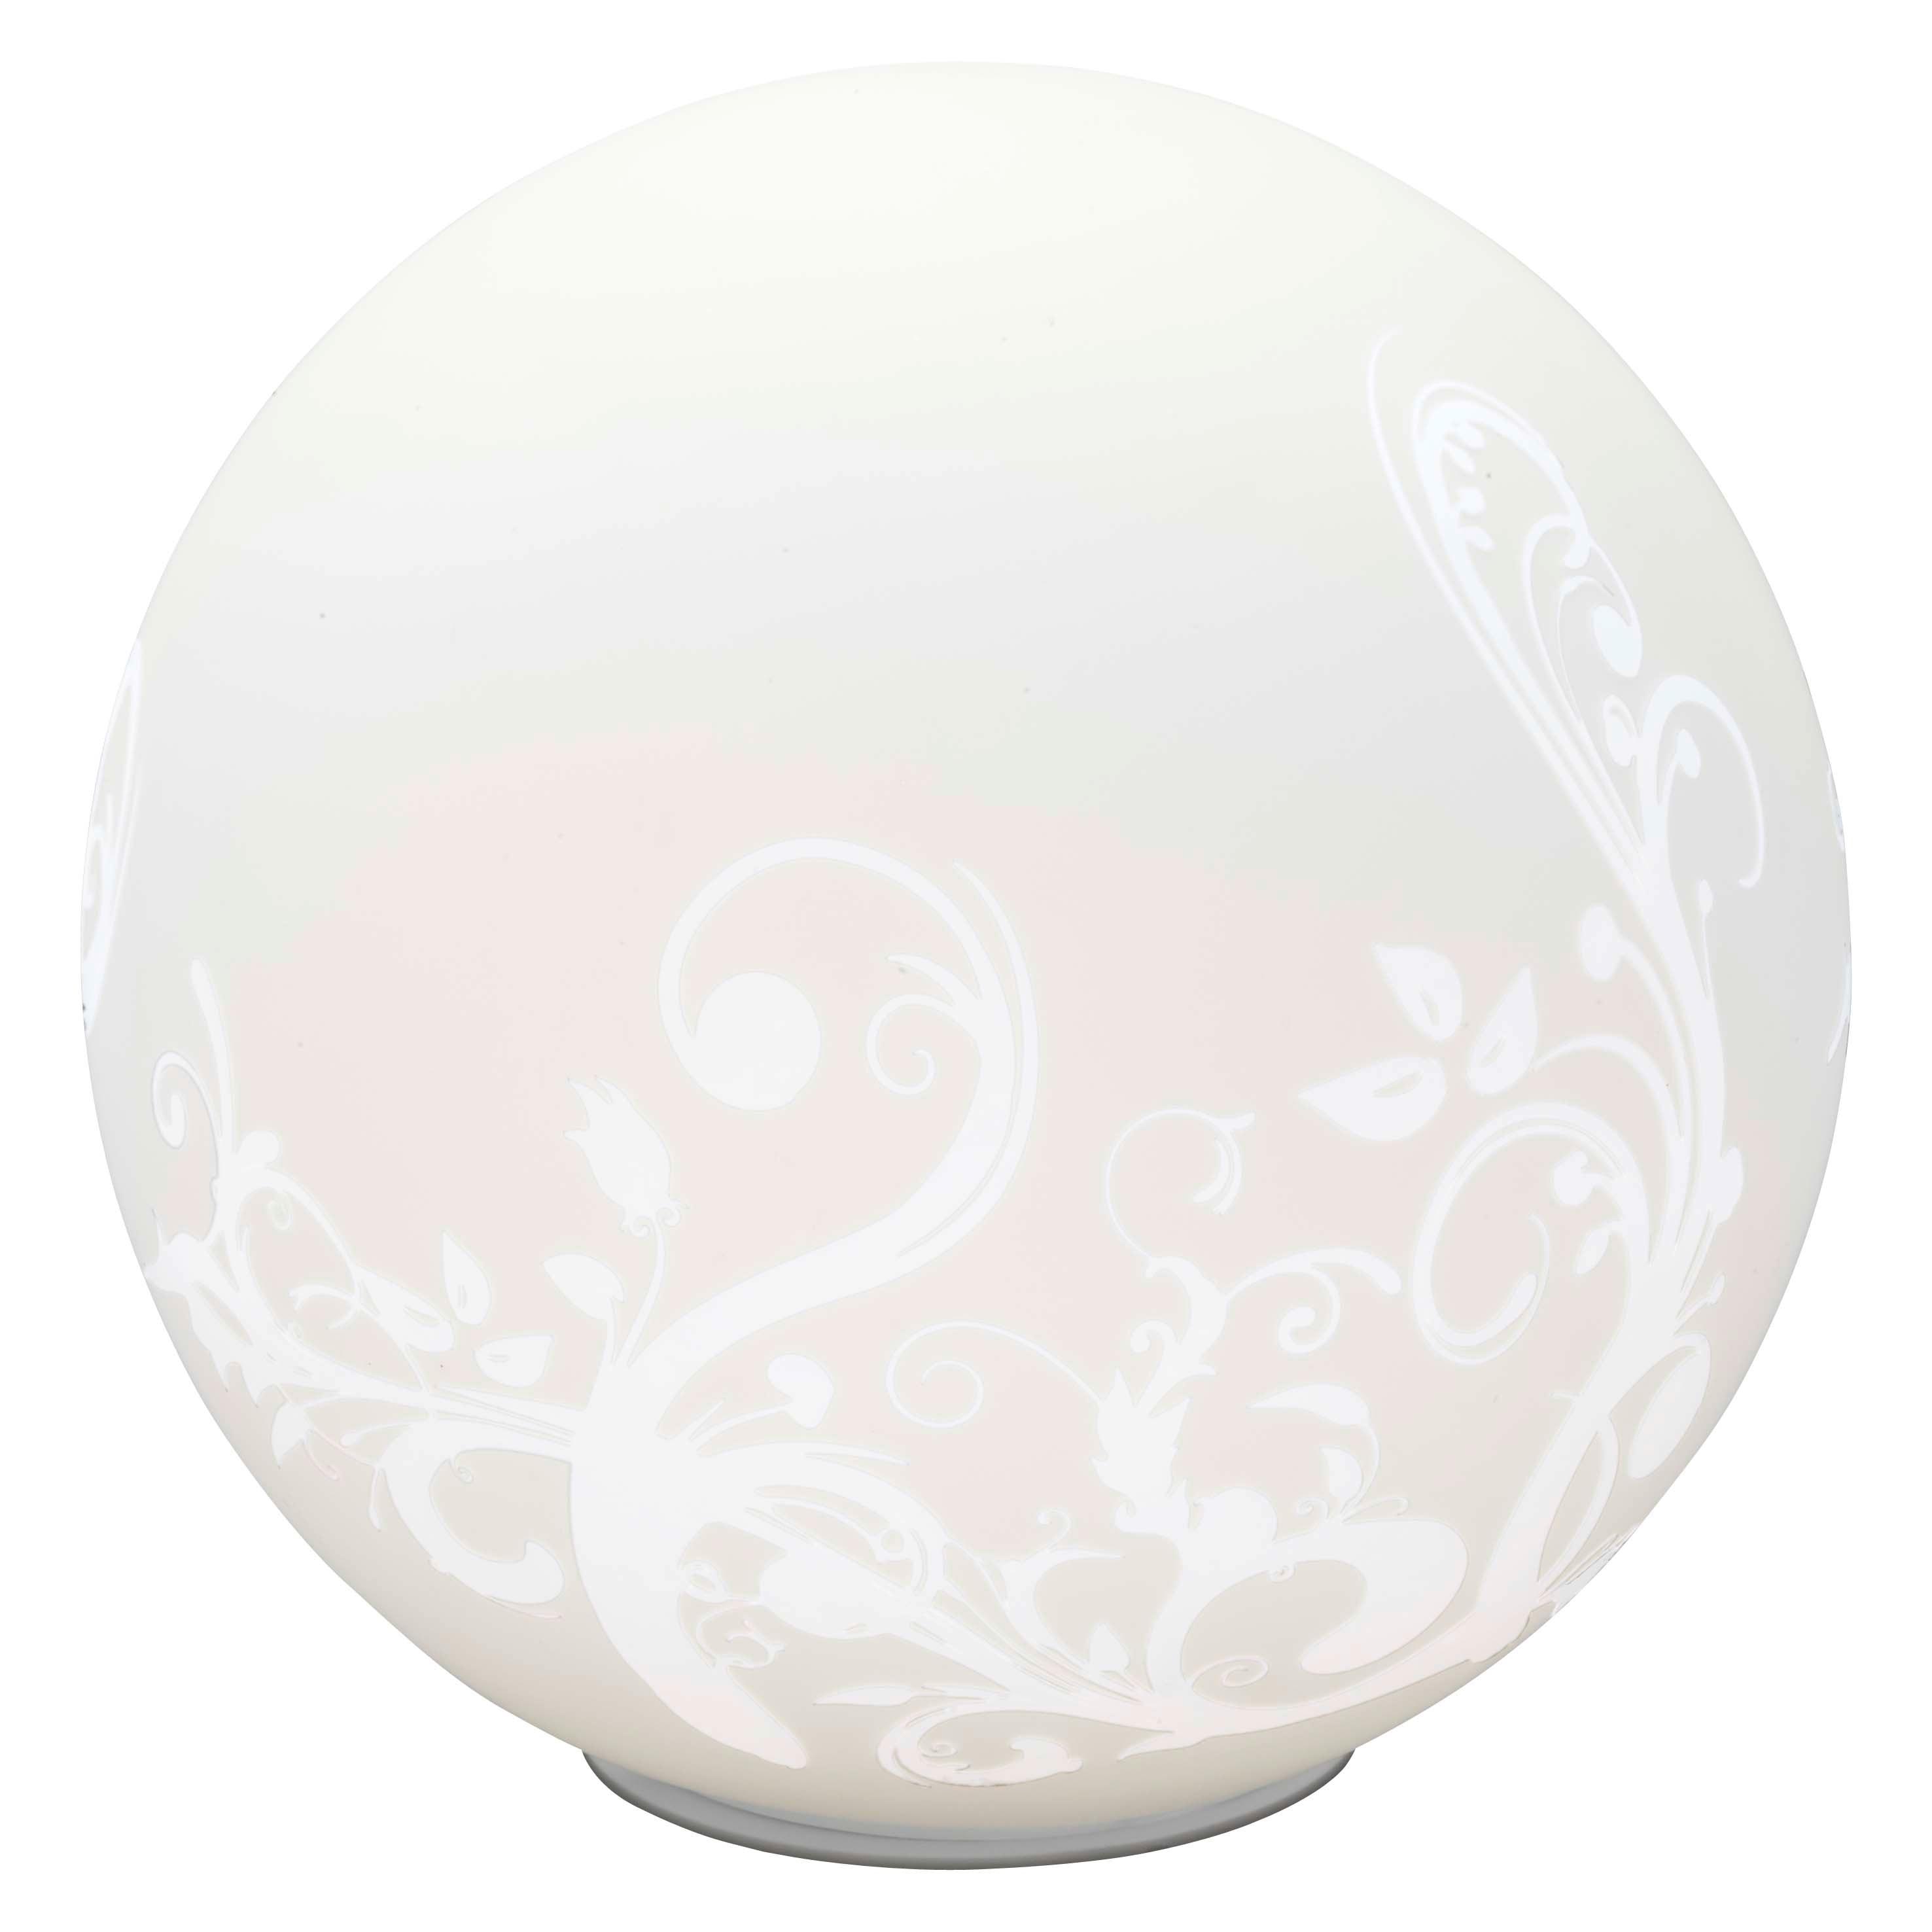 Brilliant Leuchten Bona Tischleuchte weiß